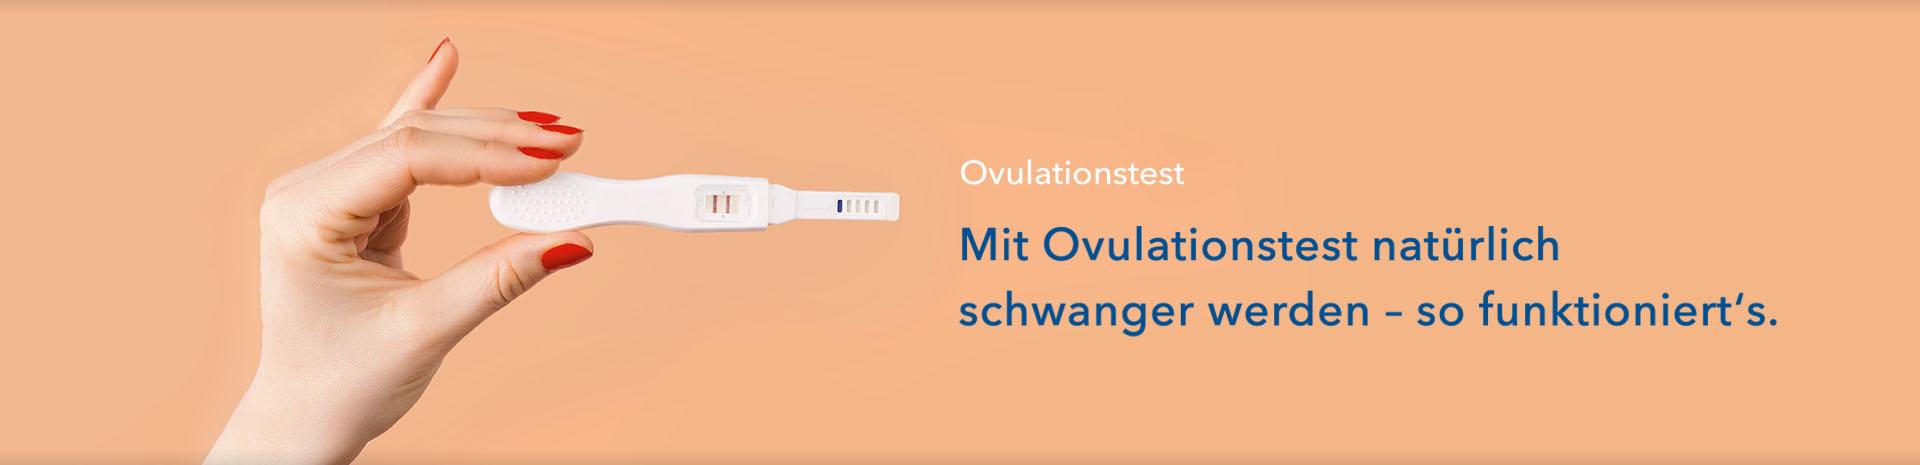 Lange mit wie bis ovulationstest schwanger So funktionieren